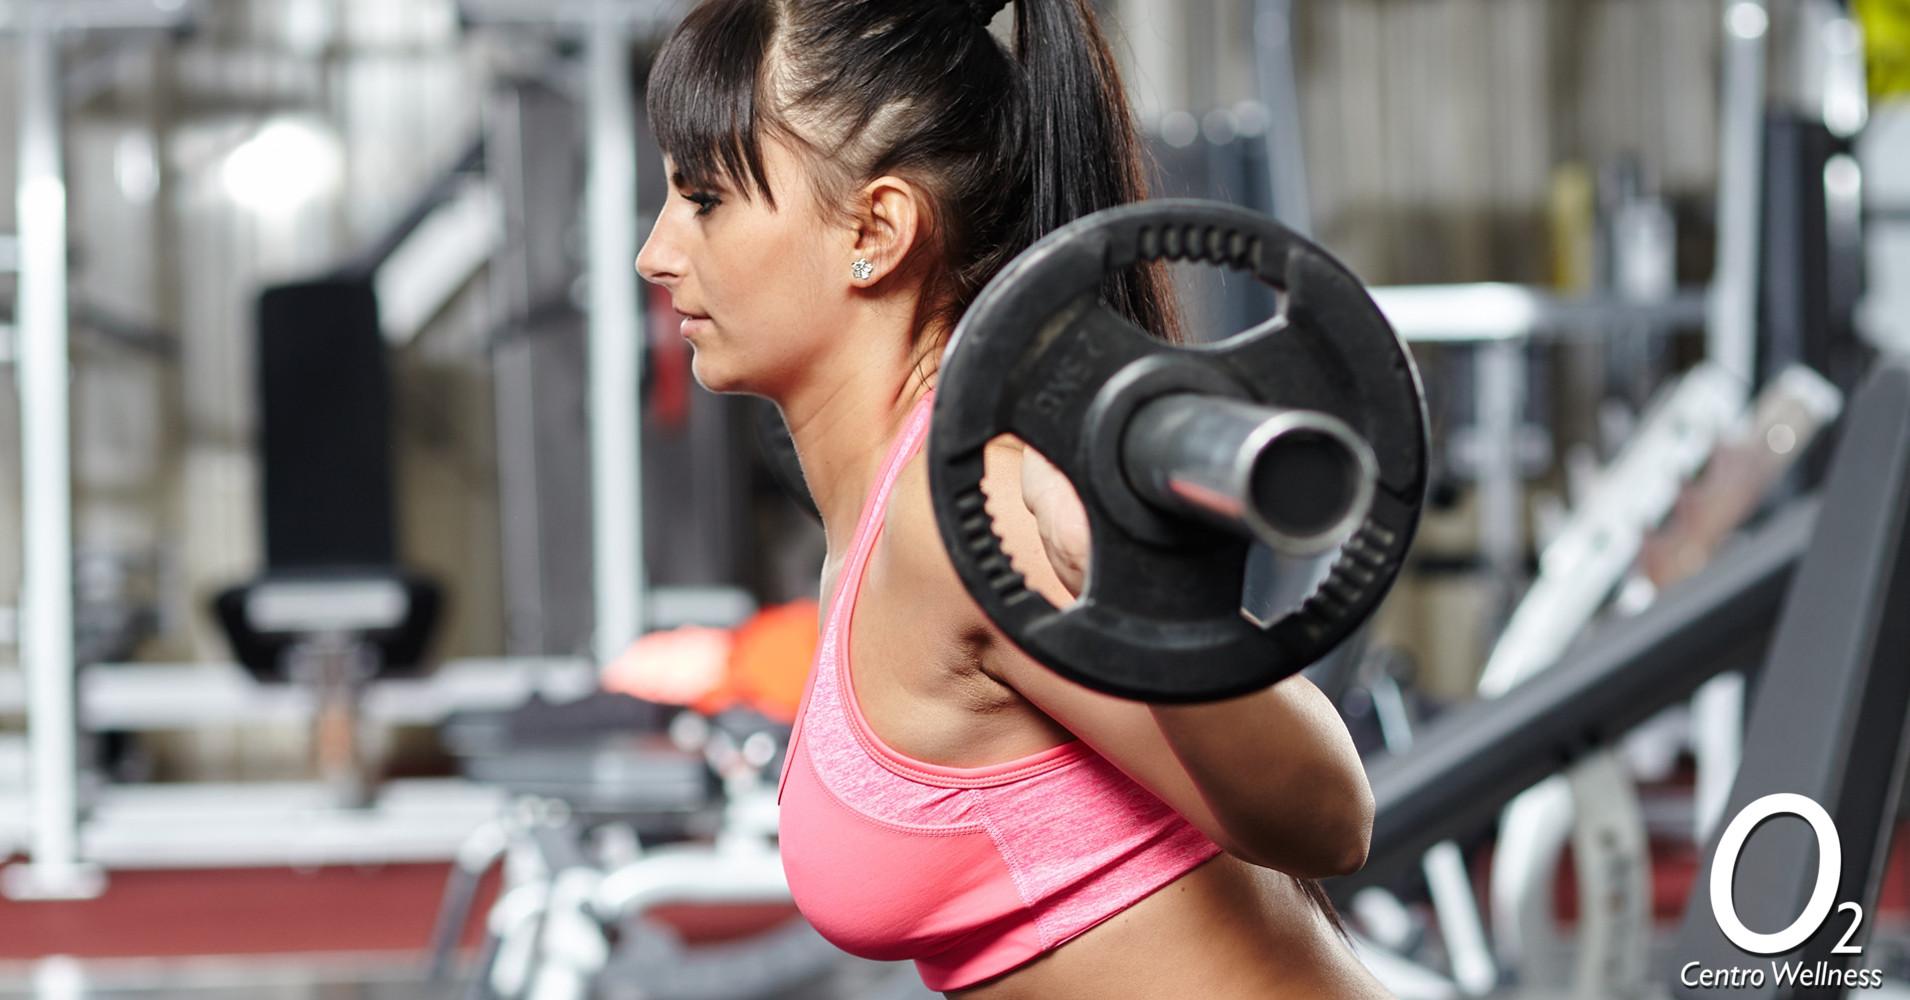 Los l mites los marcas t o2 centro wellness don ram n for Tu gimnasio